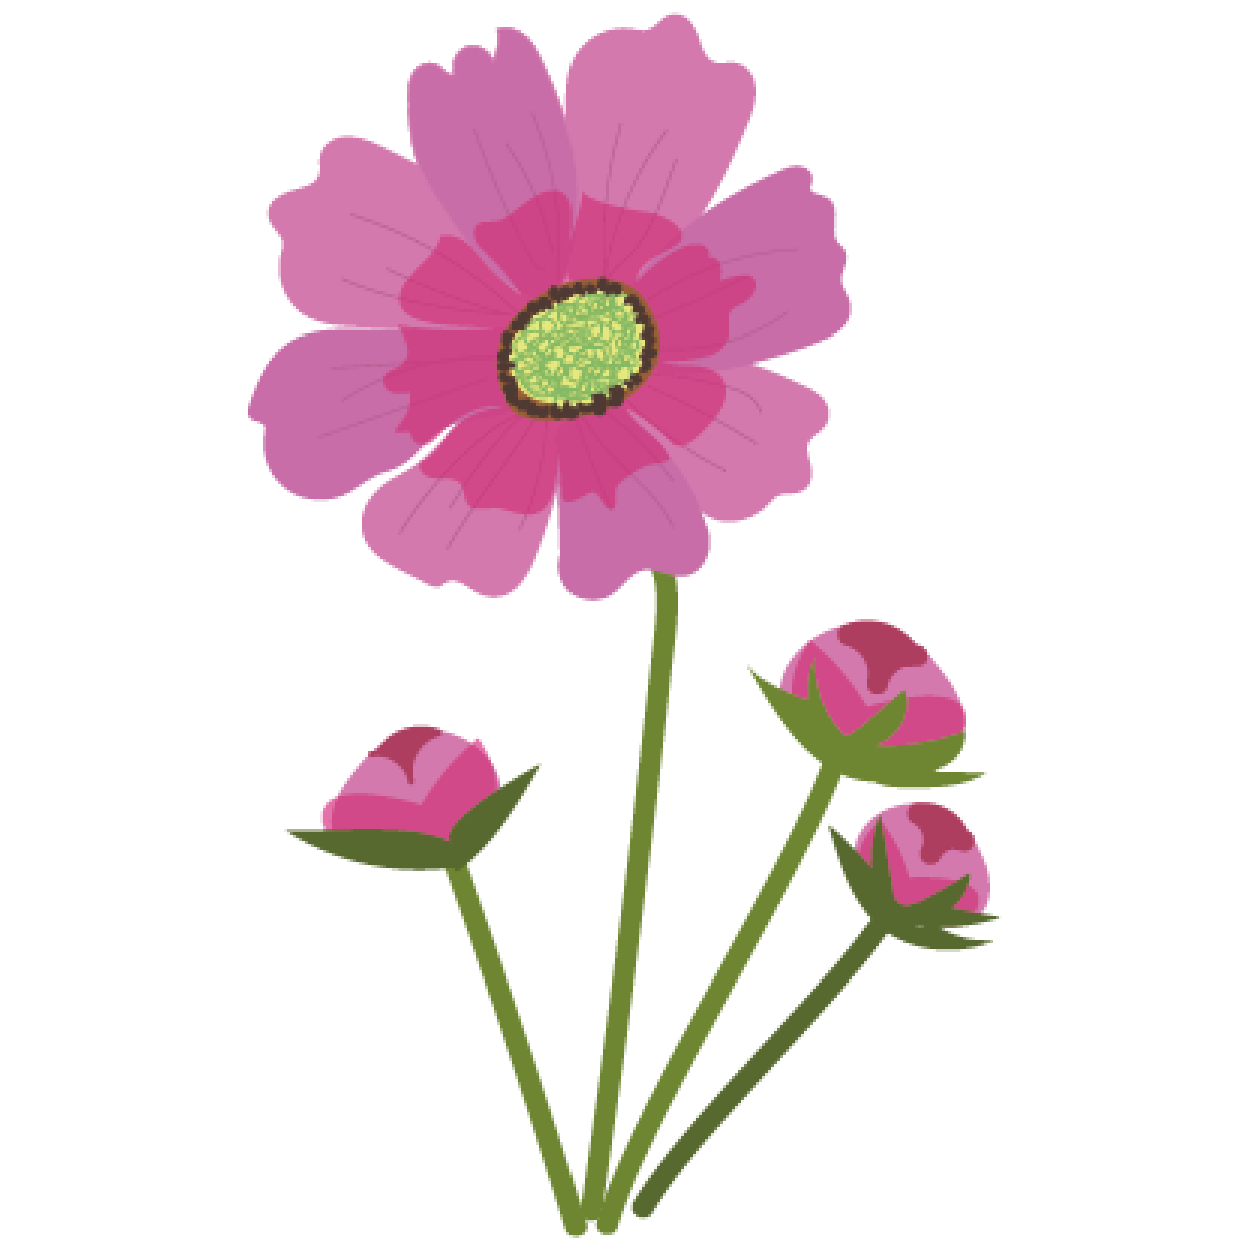 花】コスモスのイラスト | 商用フリー(無料)のイラスト素材なら